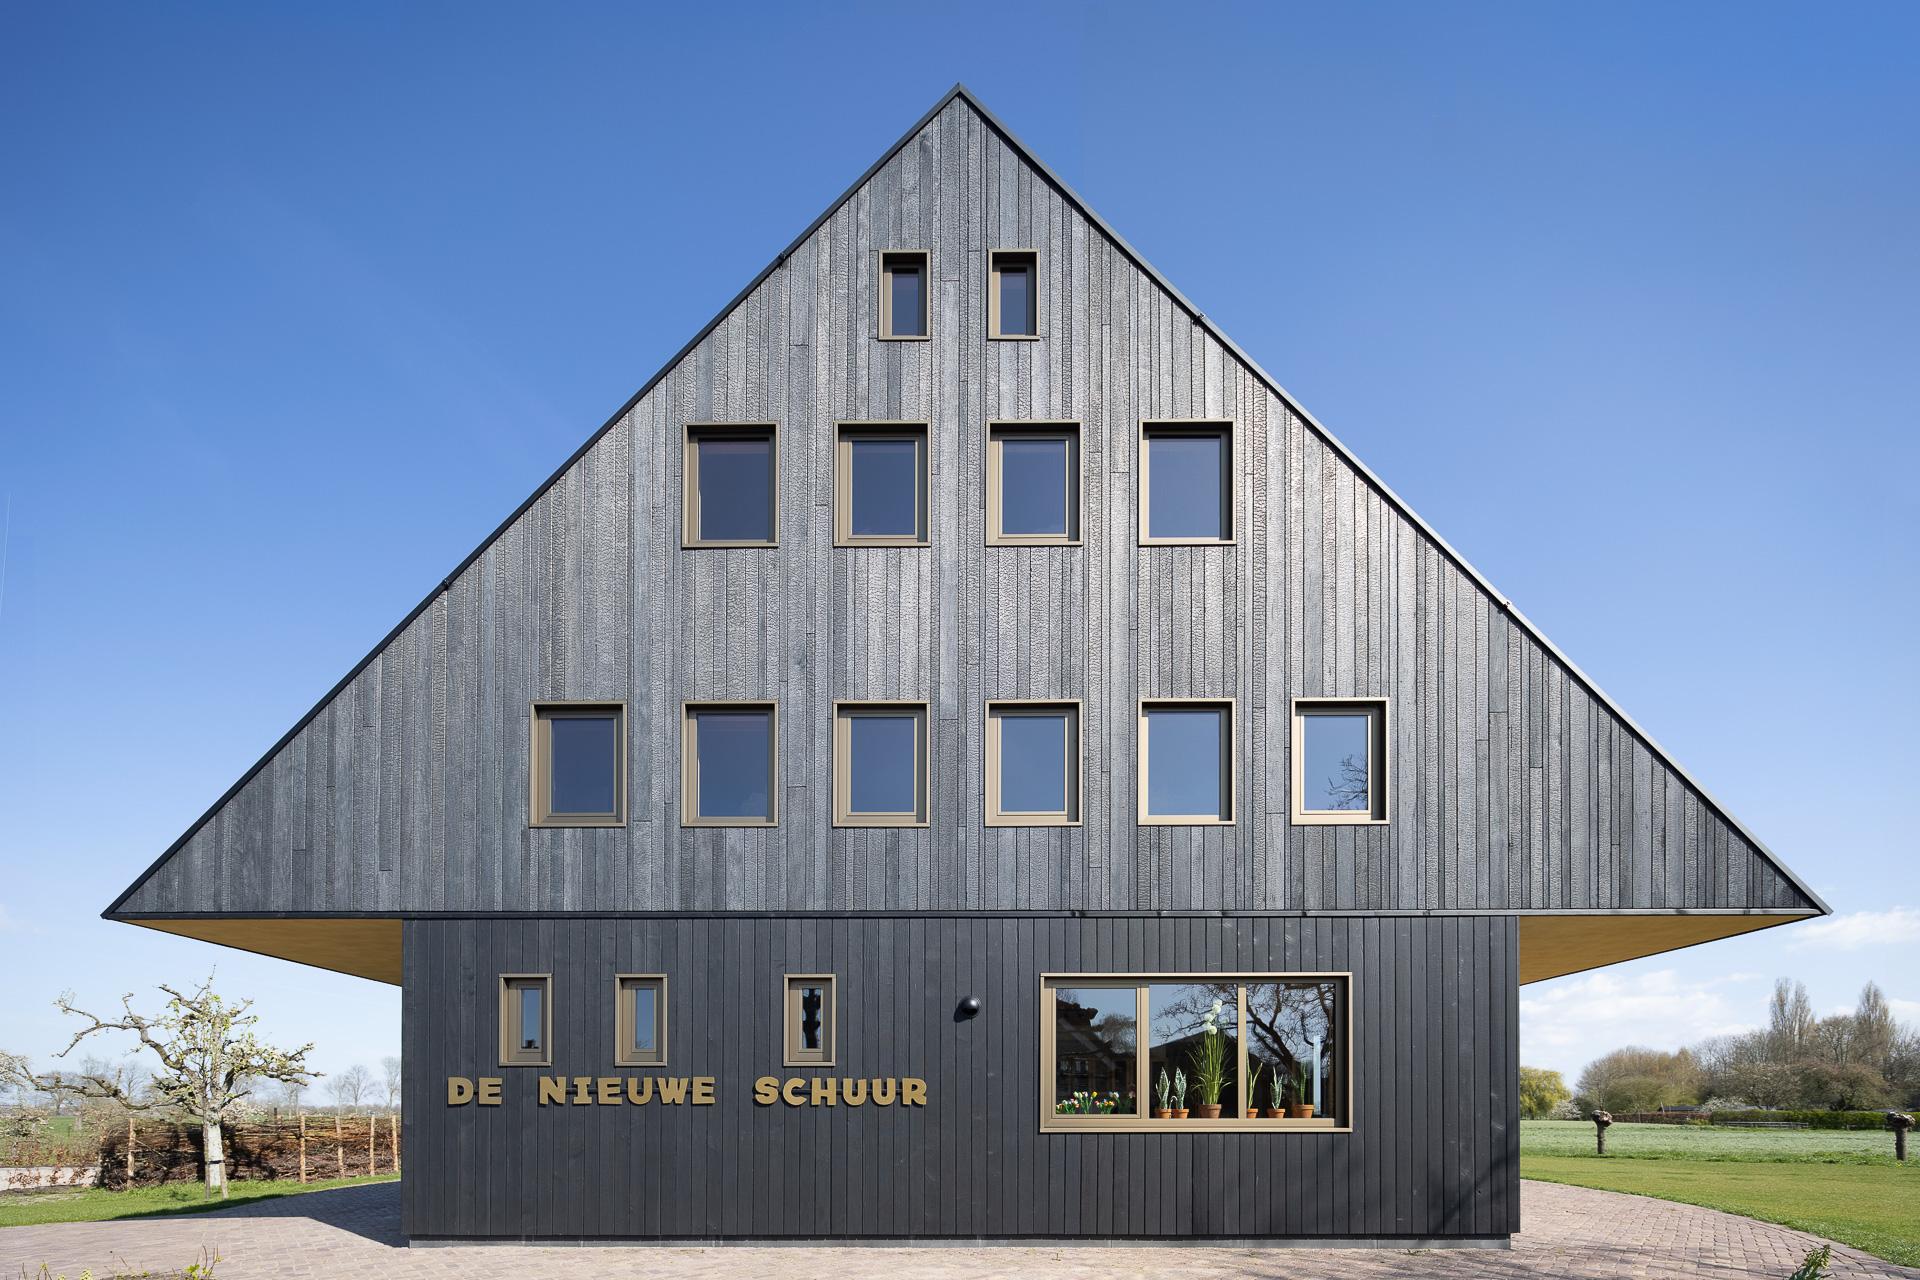 SP2021-Architectuurfotografie-De-Nieuwe-Schuur-Mecanoo-3